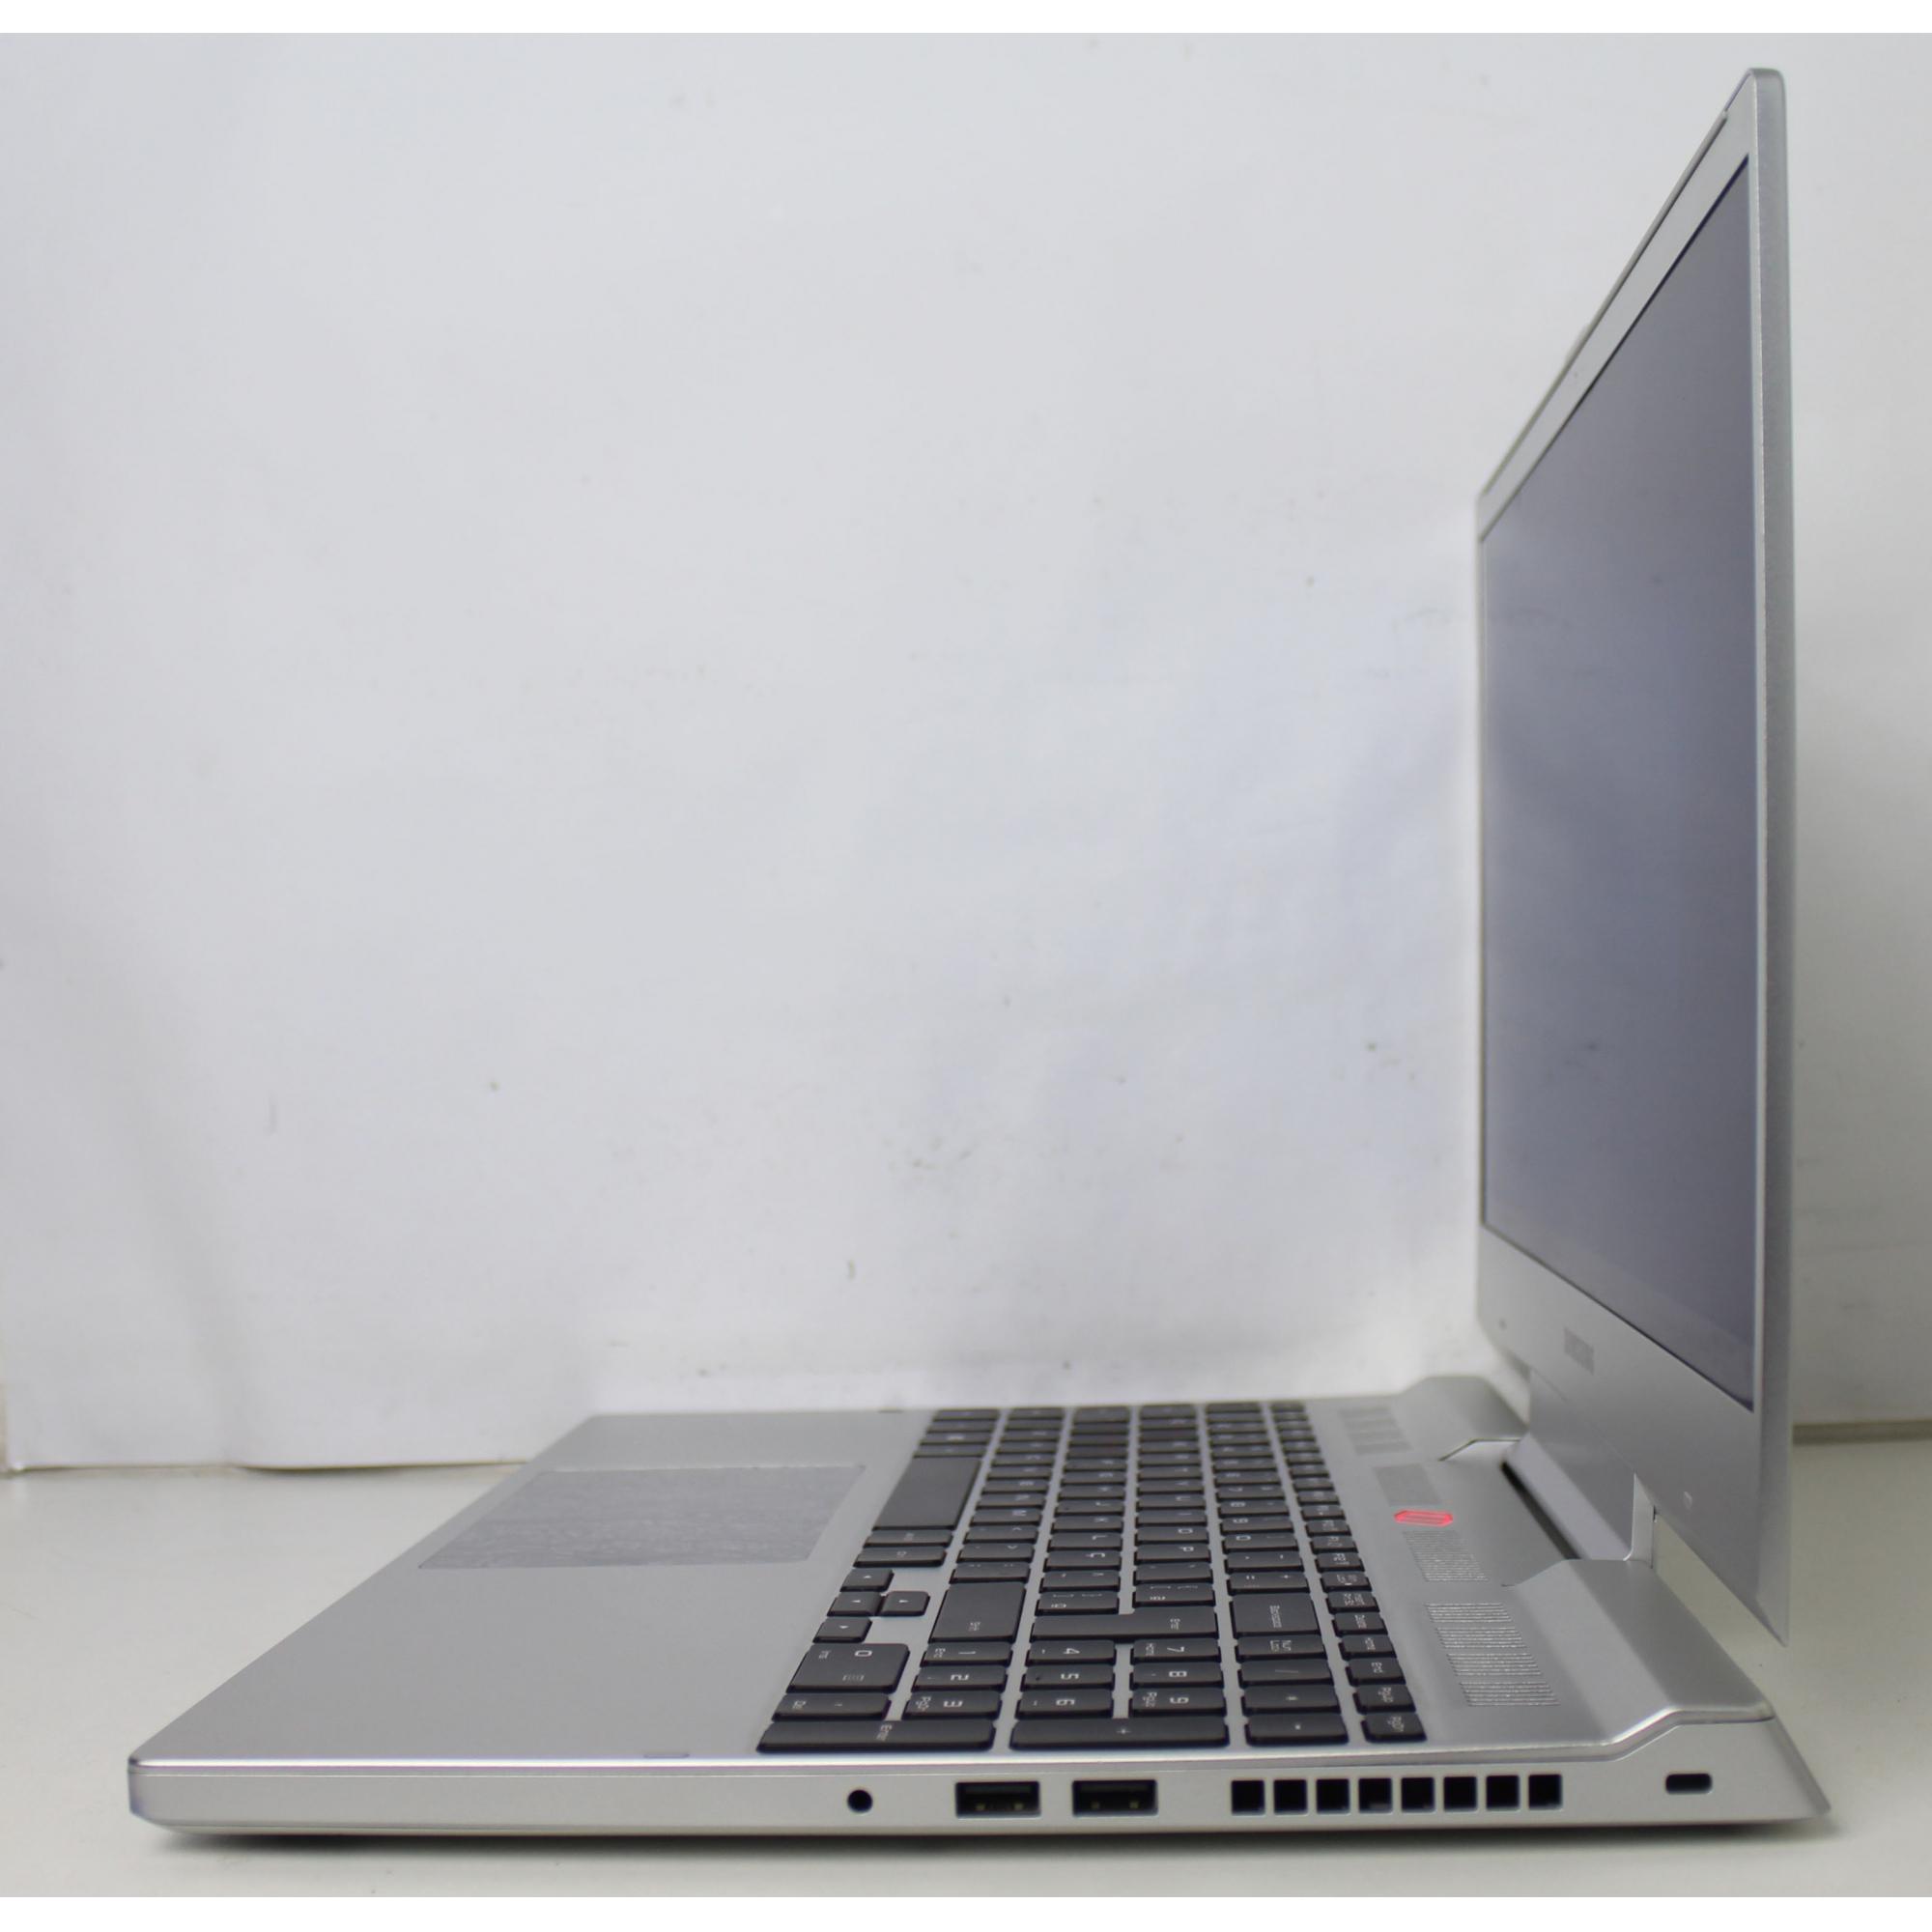 NOTEBOOK SAMSUNG ODYSSEY 15.6'' INTEL CORE I5 9ª GERAÇÃO 2.4GHZ 16GB SSD-480GB + ALPHANUMÉRICO + (4GB DEDICADA)